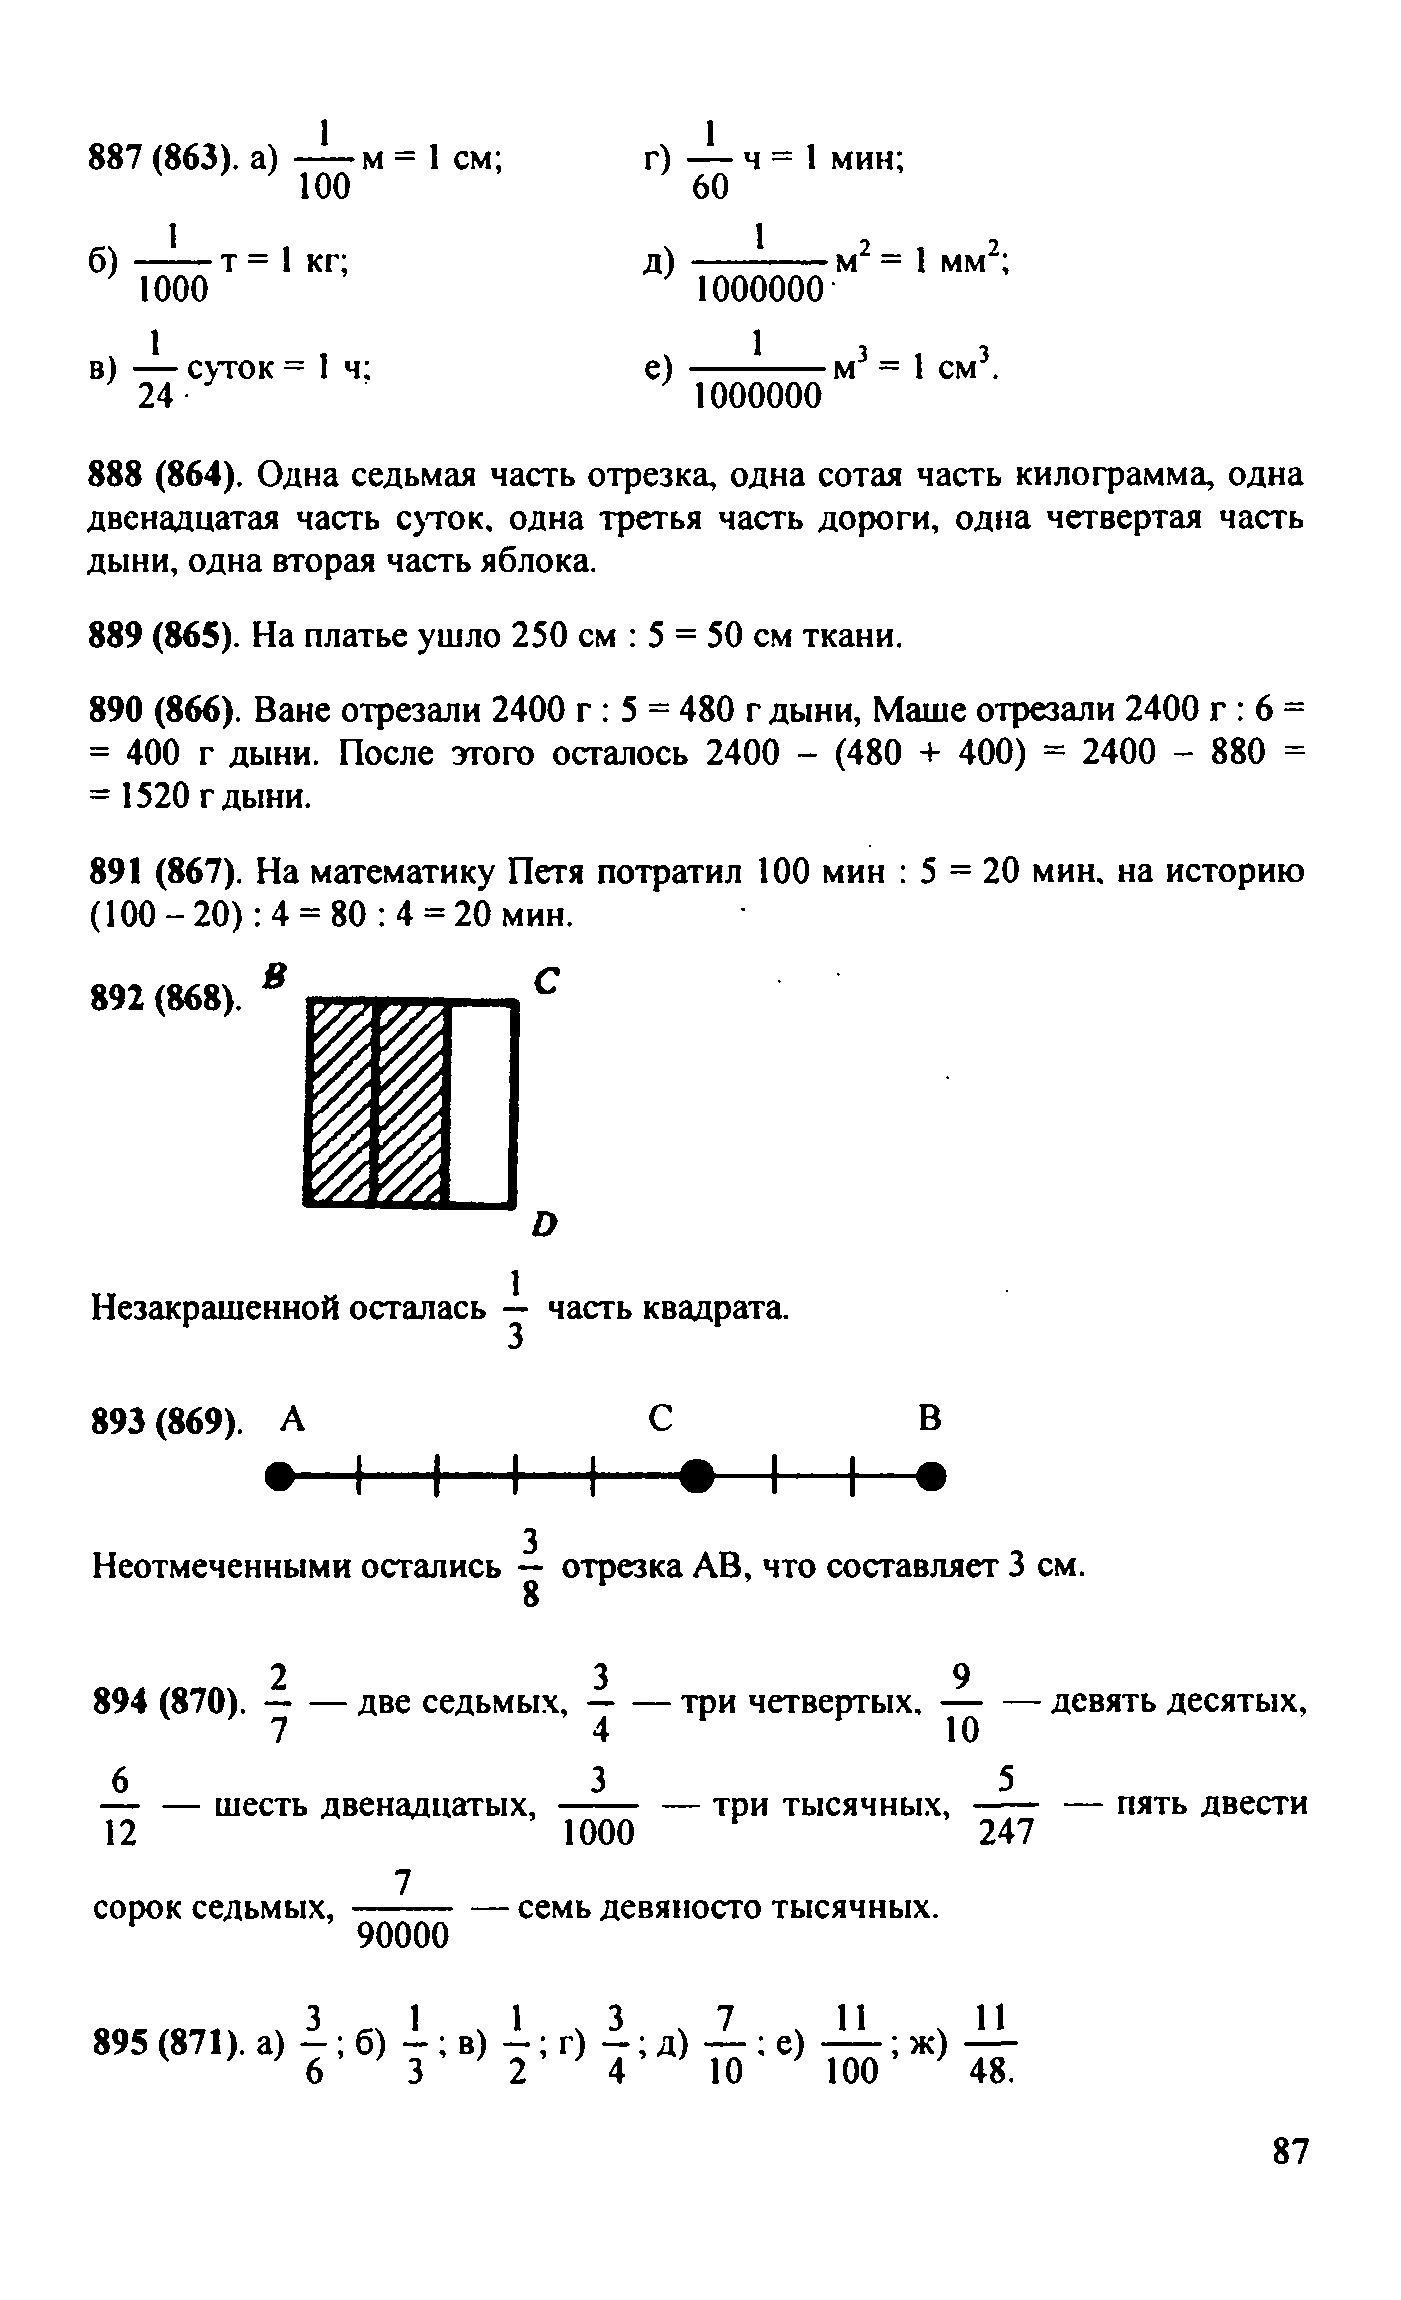 гдз львова львов русский язык 5 класс